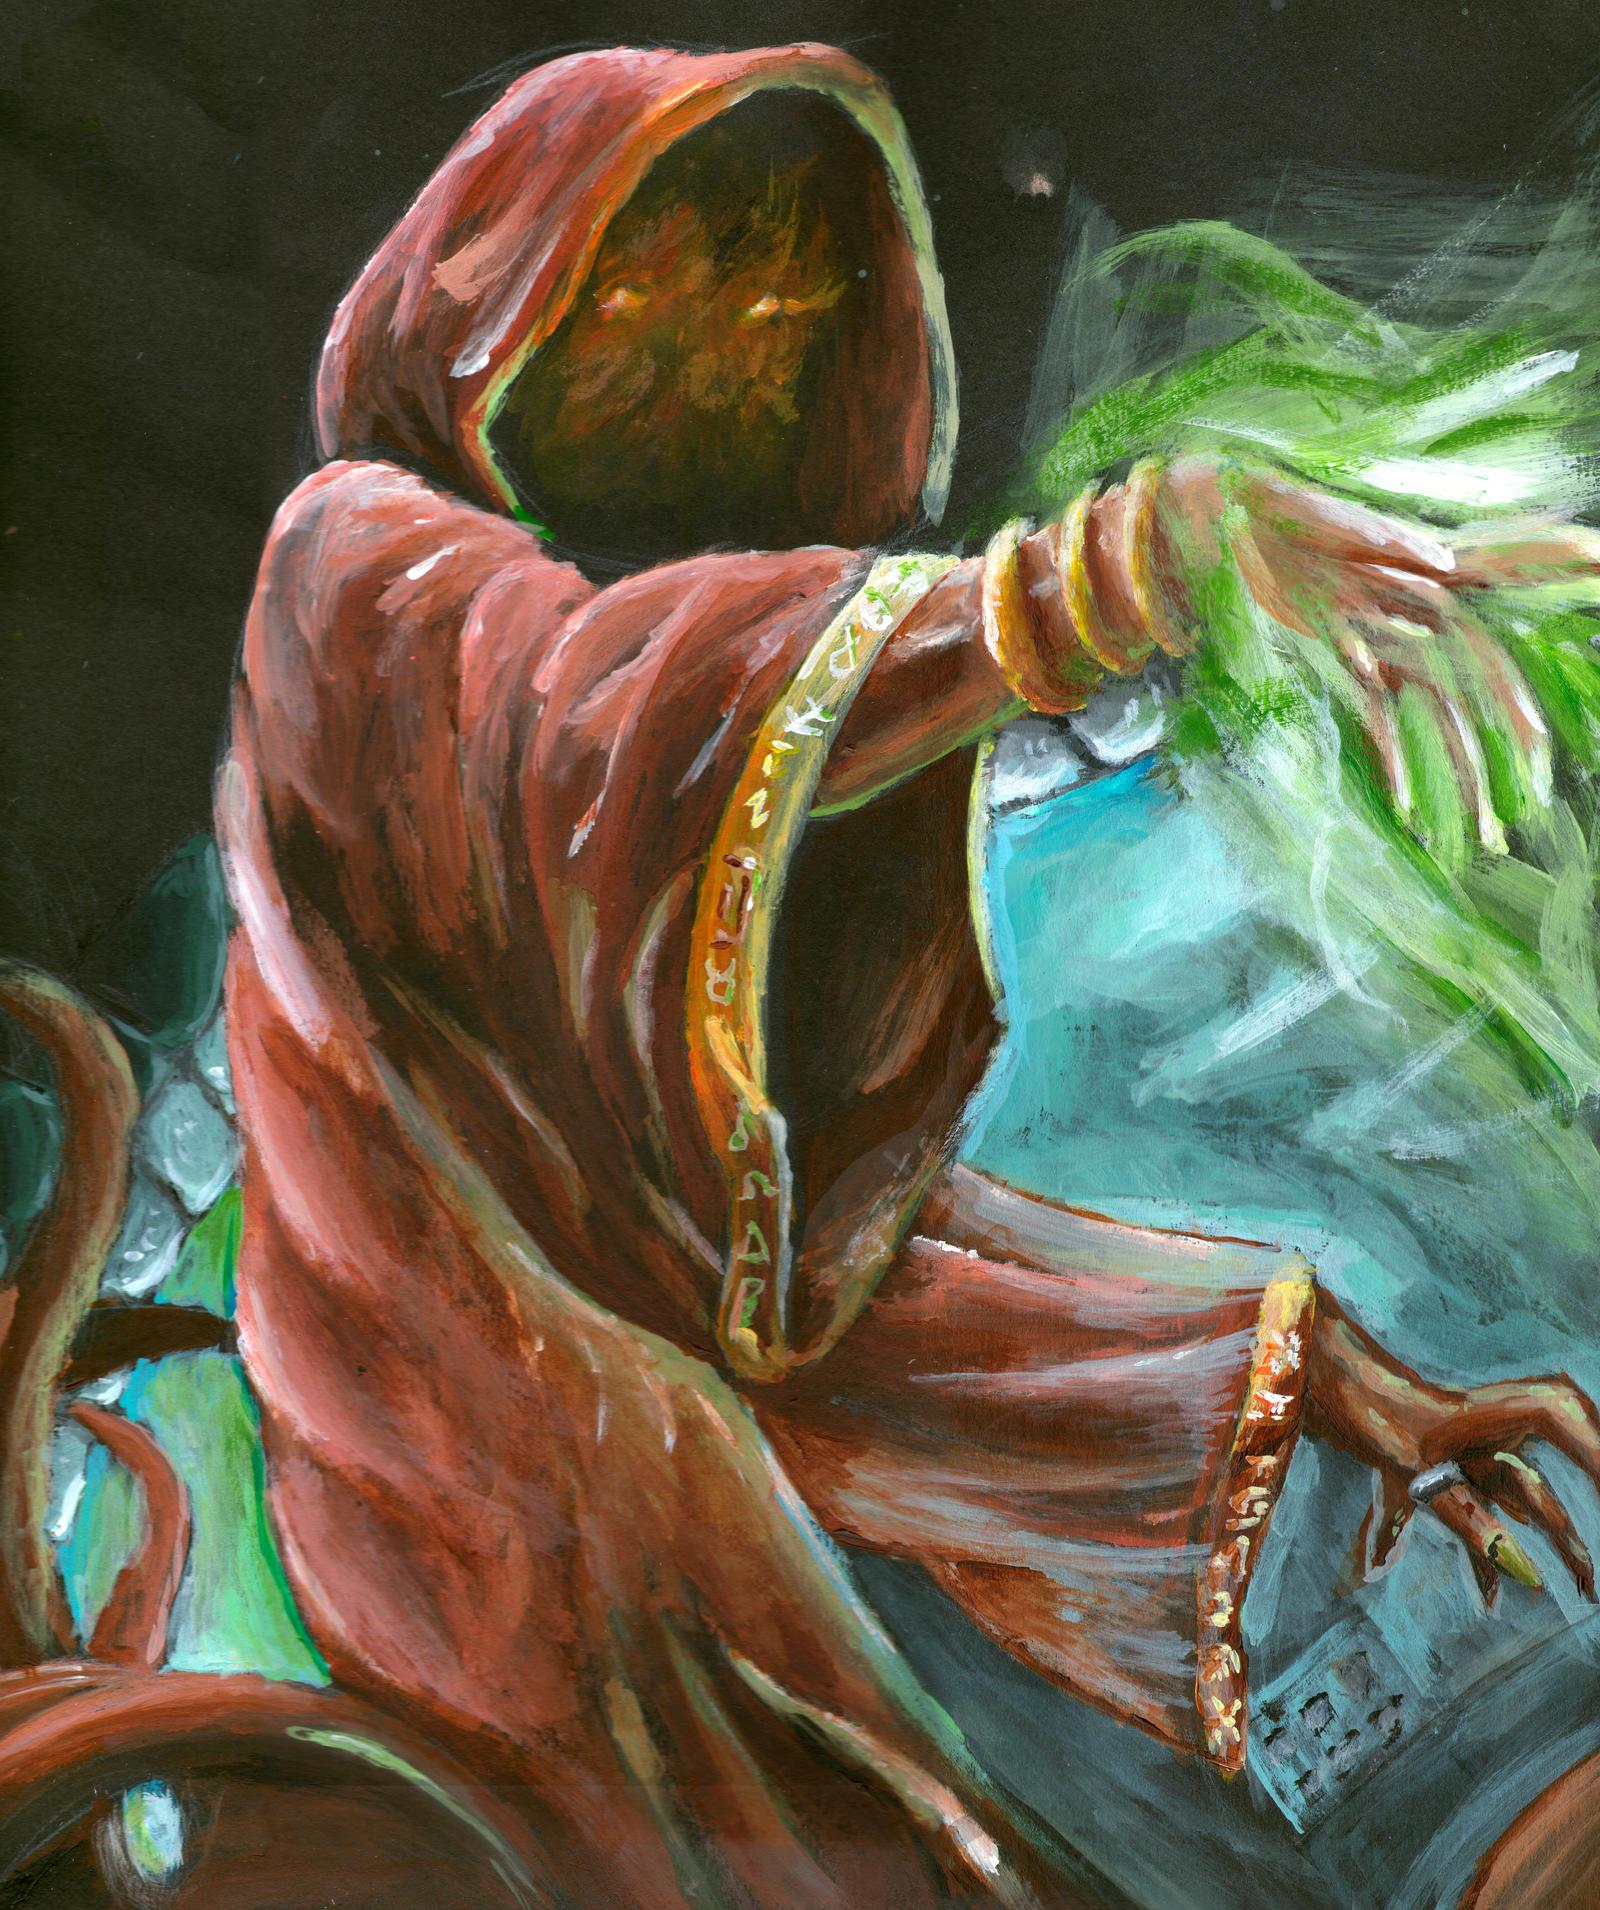 Dark Wizard Revis in Acryllic by Mach60-KAS on DeviantArt